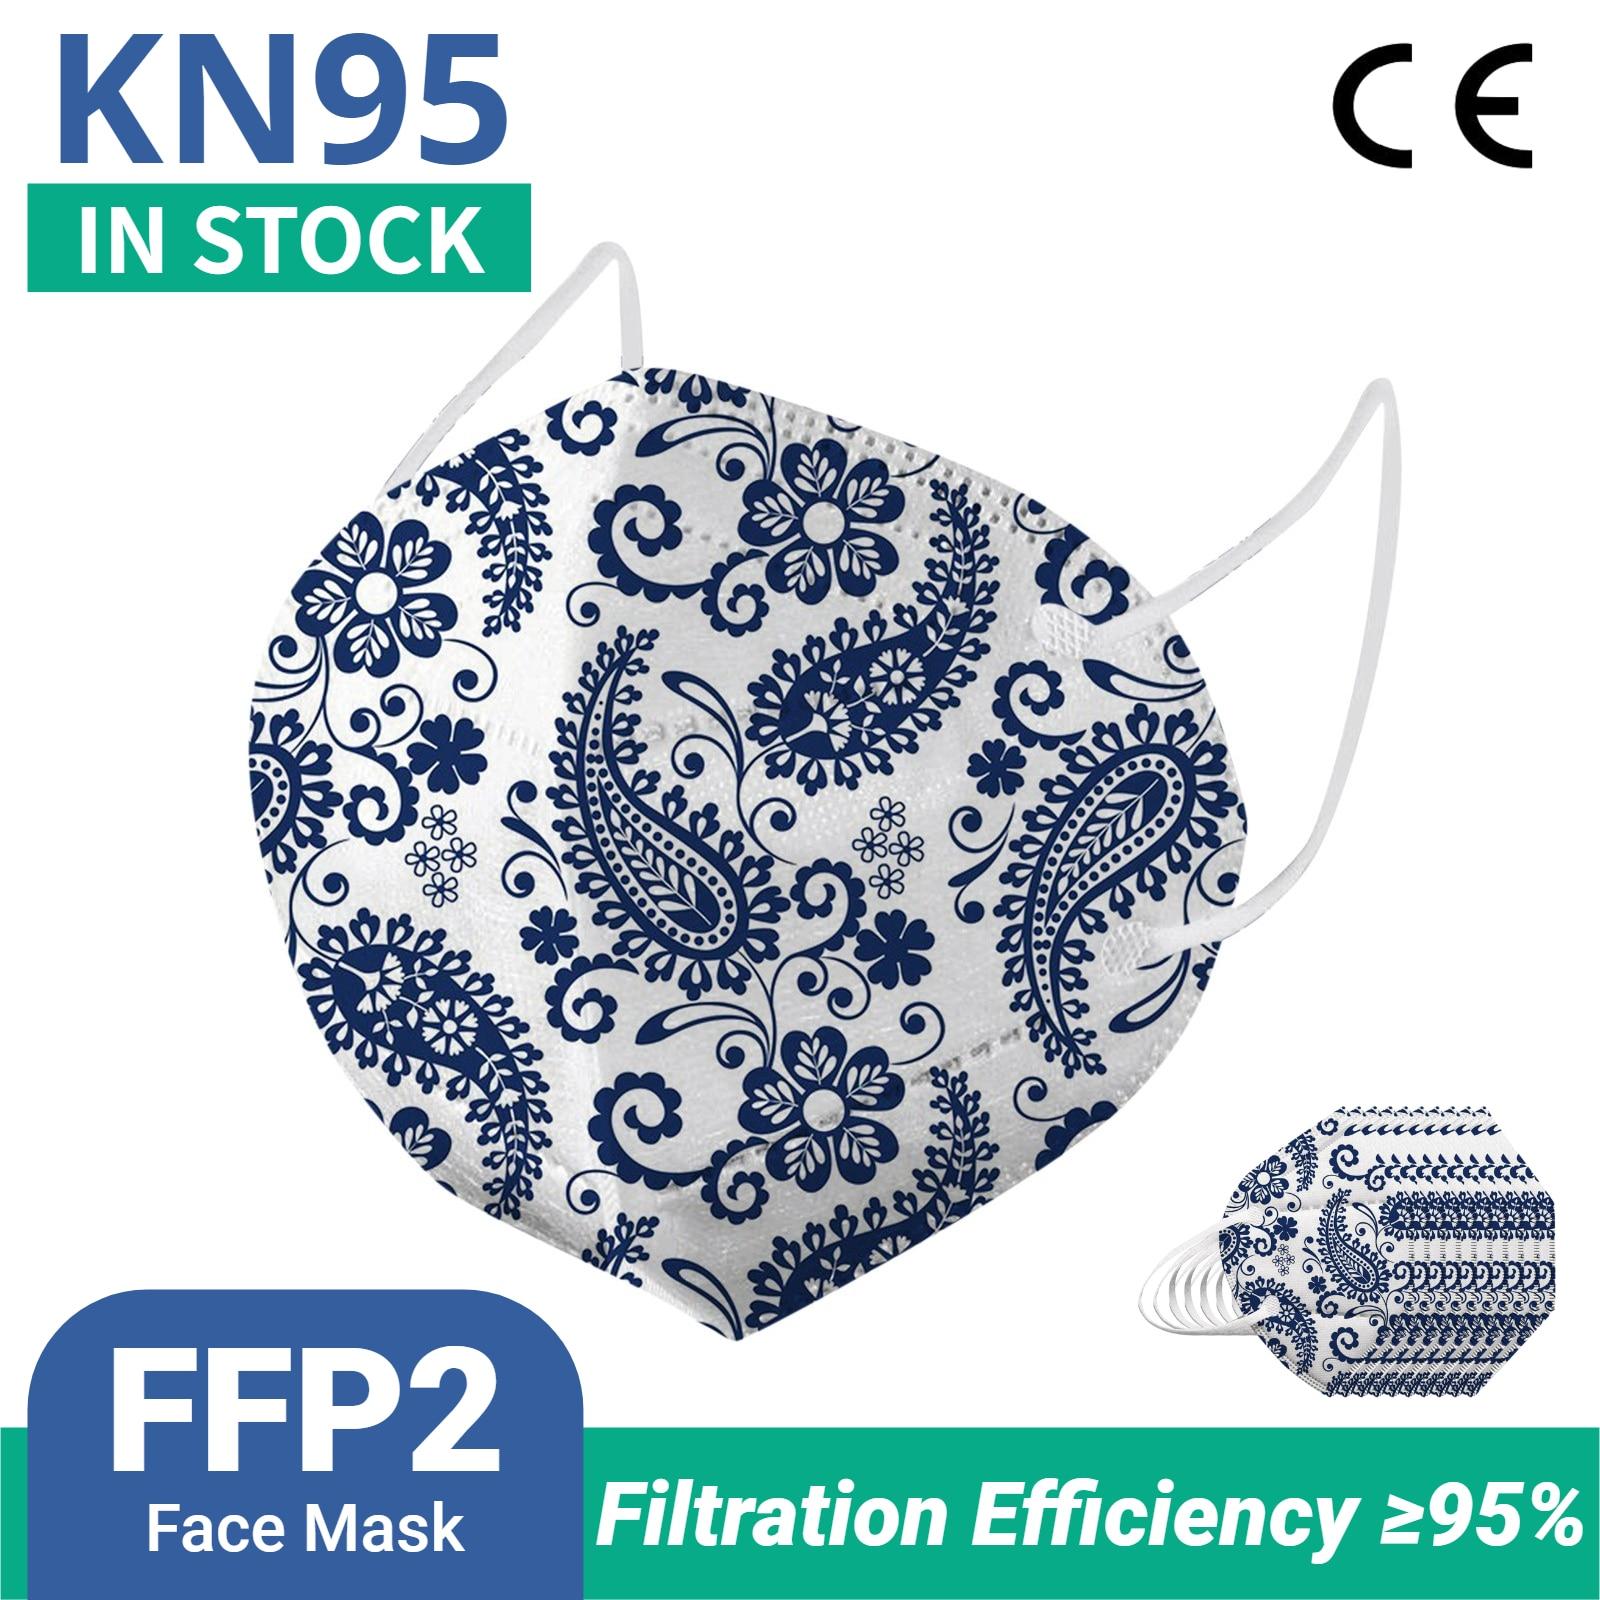 10-100 шт. FFP2 Mascarillas KN95 маски для лица взрослых рисунком «турецкие огурцы» 5 слоев фильтр маска для лица фильтрации пыле маски